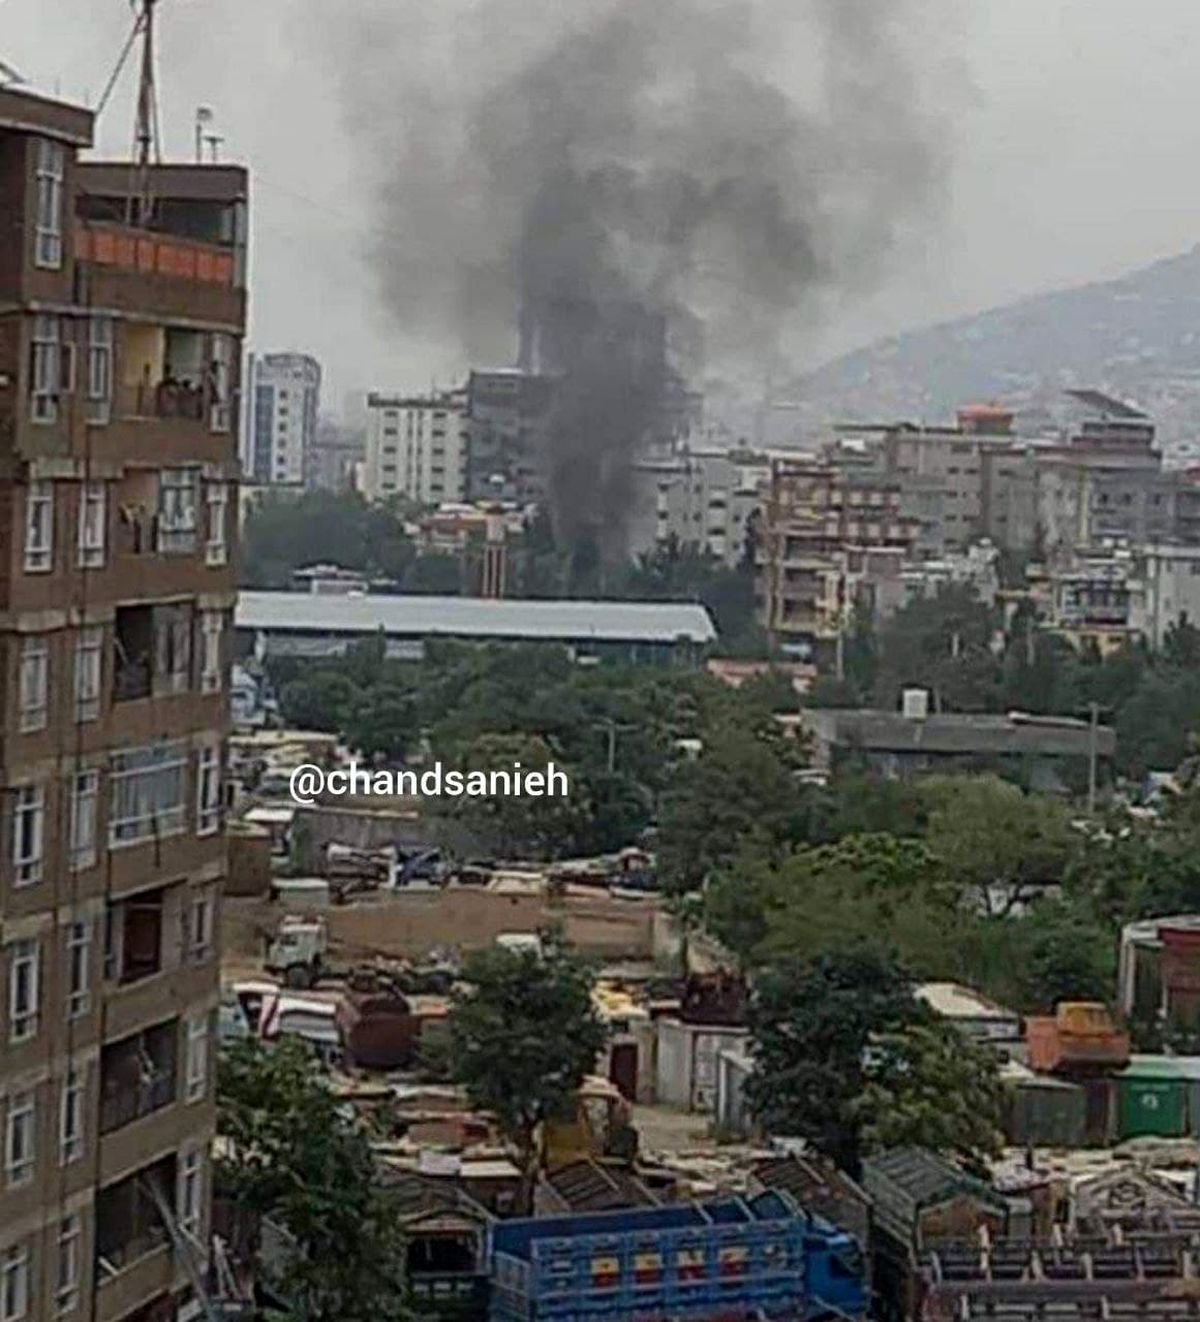 حمله راکتی طالبان  به کاخ ریاست جمهوری در کابل +عکس